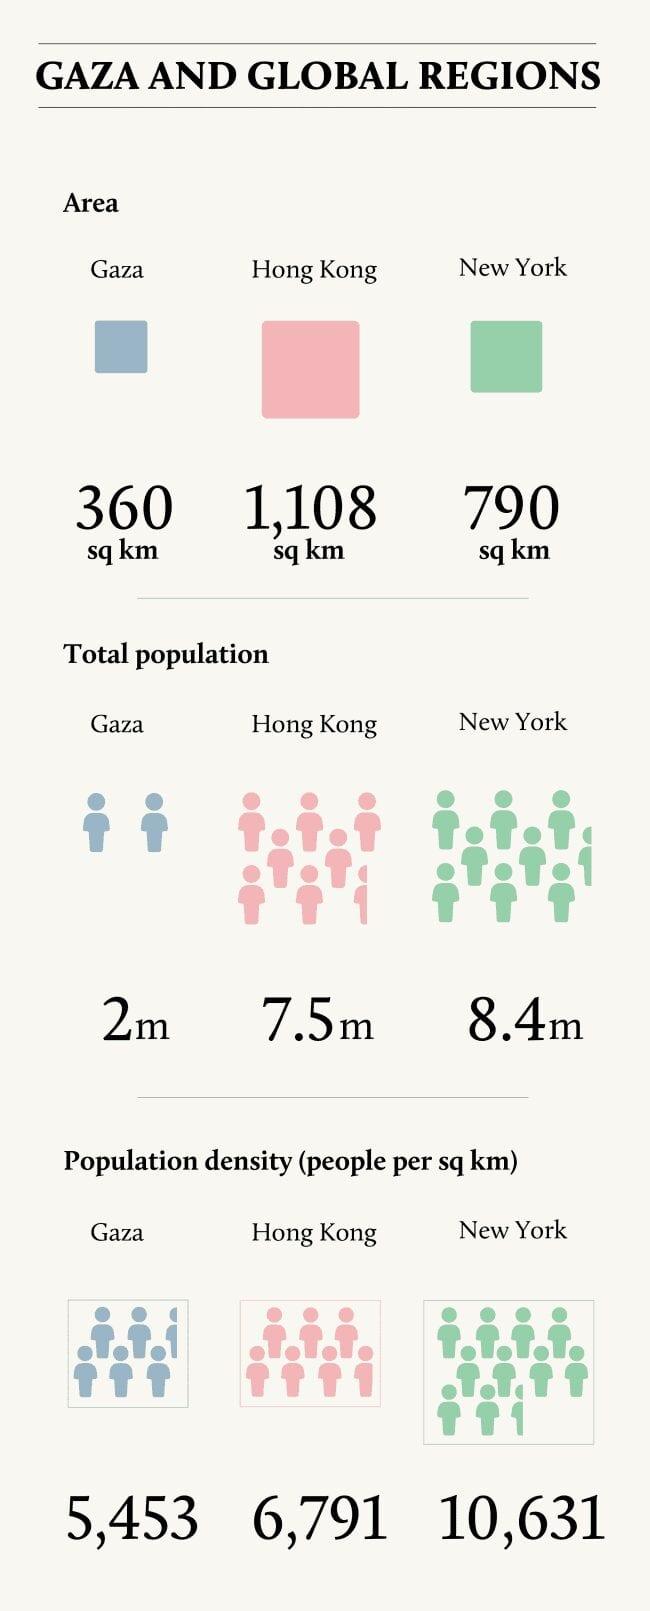 (إنفوجراف يوضح عدد السكان والمساحة والكثافة السكانية في غزة وهونج كونج ونيويورك)